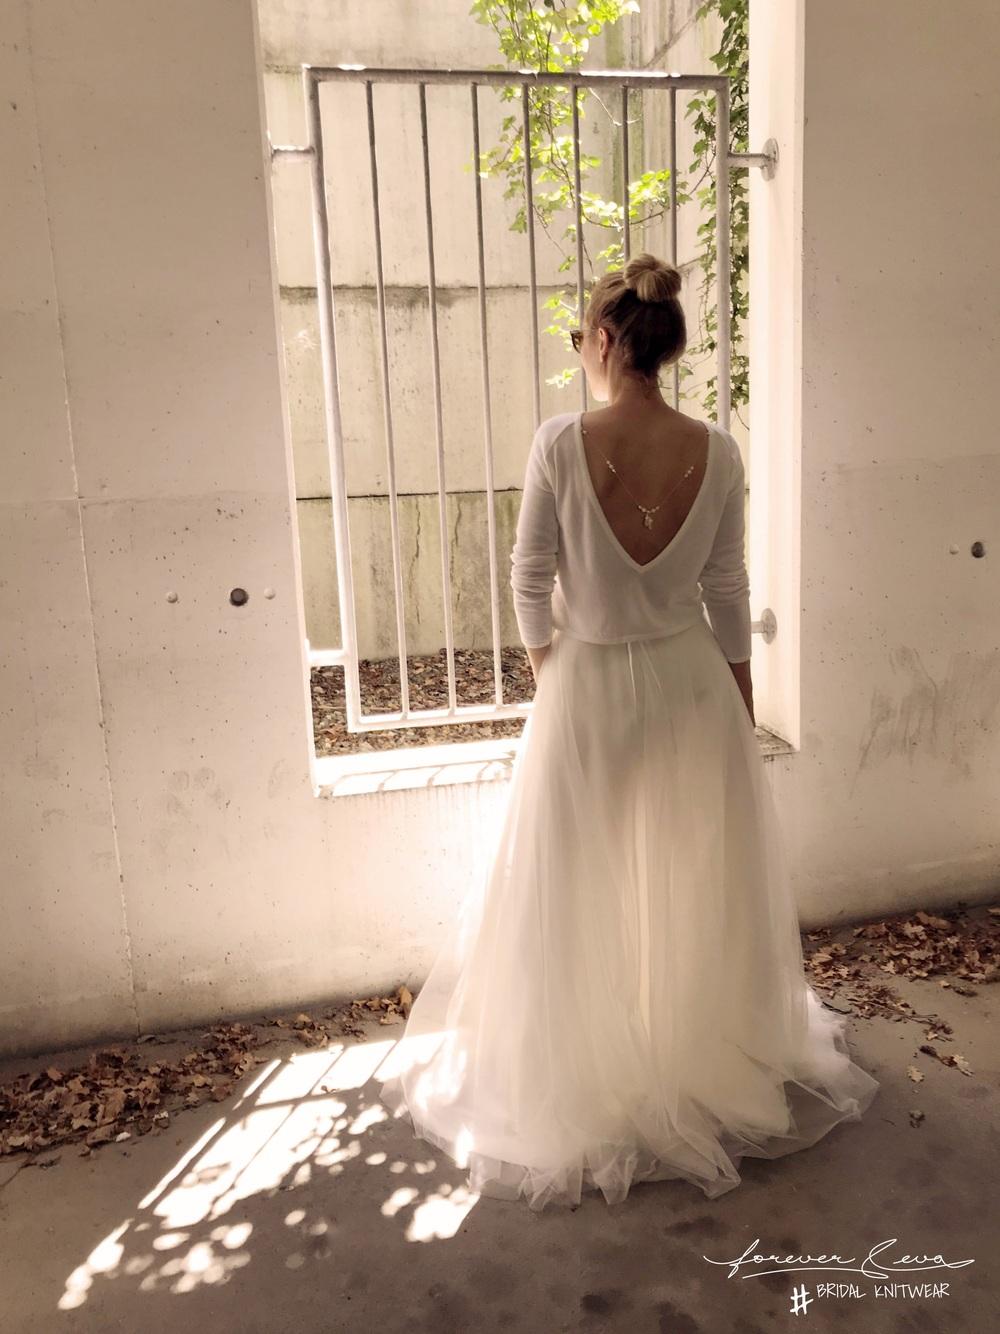 Forever & Eva in Brautkleider-Accessoires